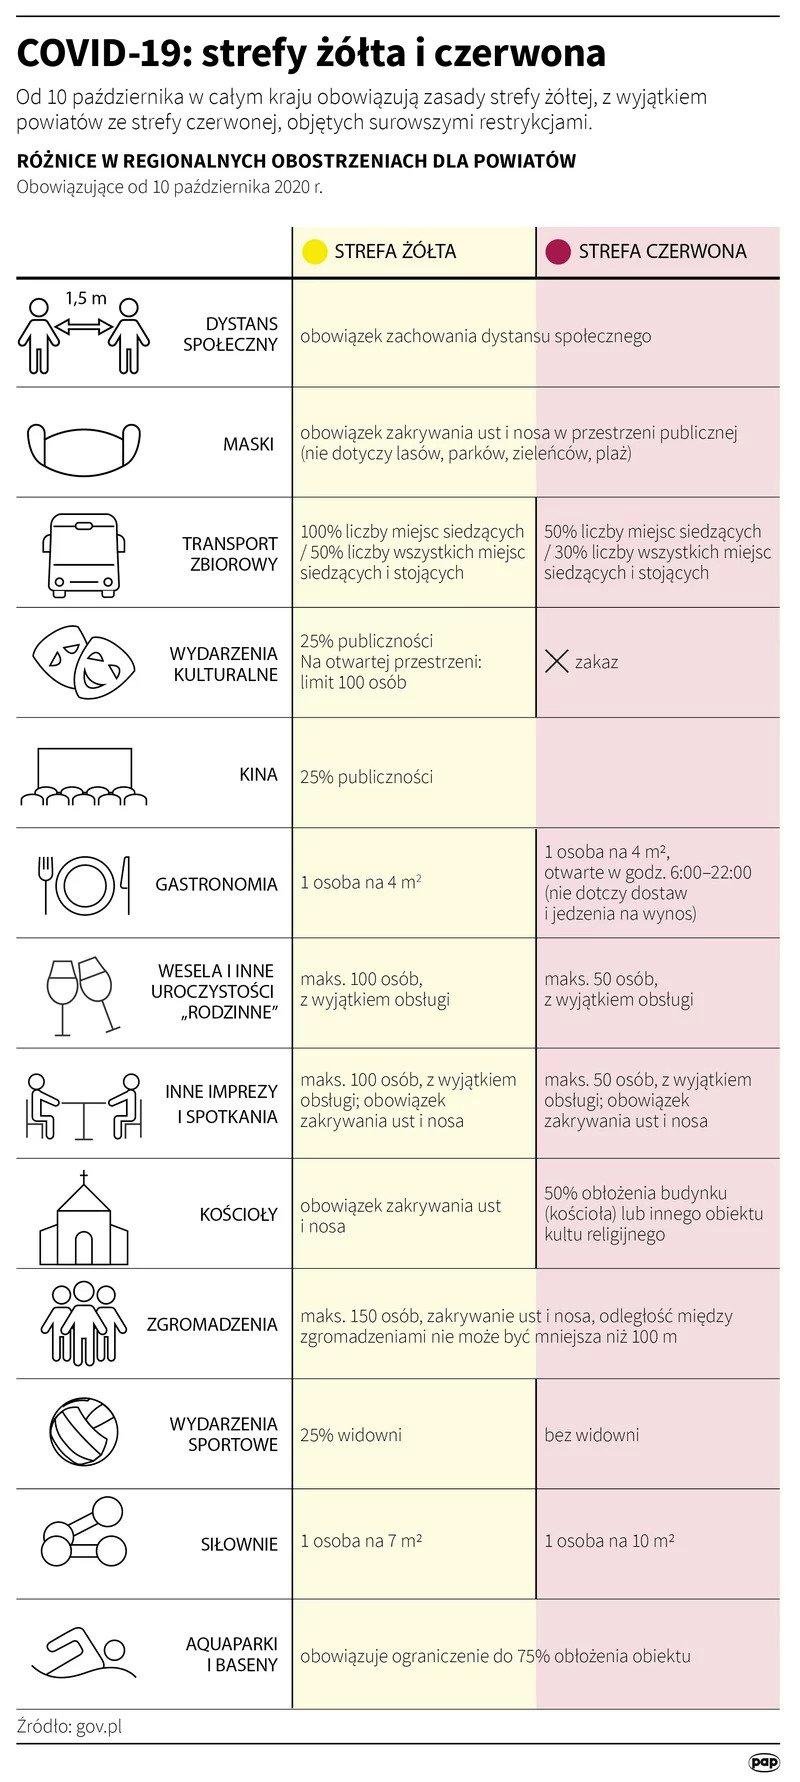 Strefy żółta i czerwona - różnice w obostrzeniach